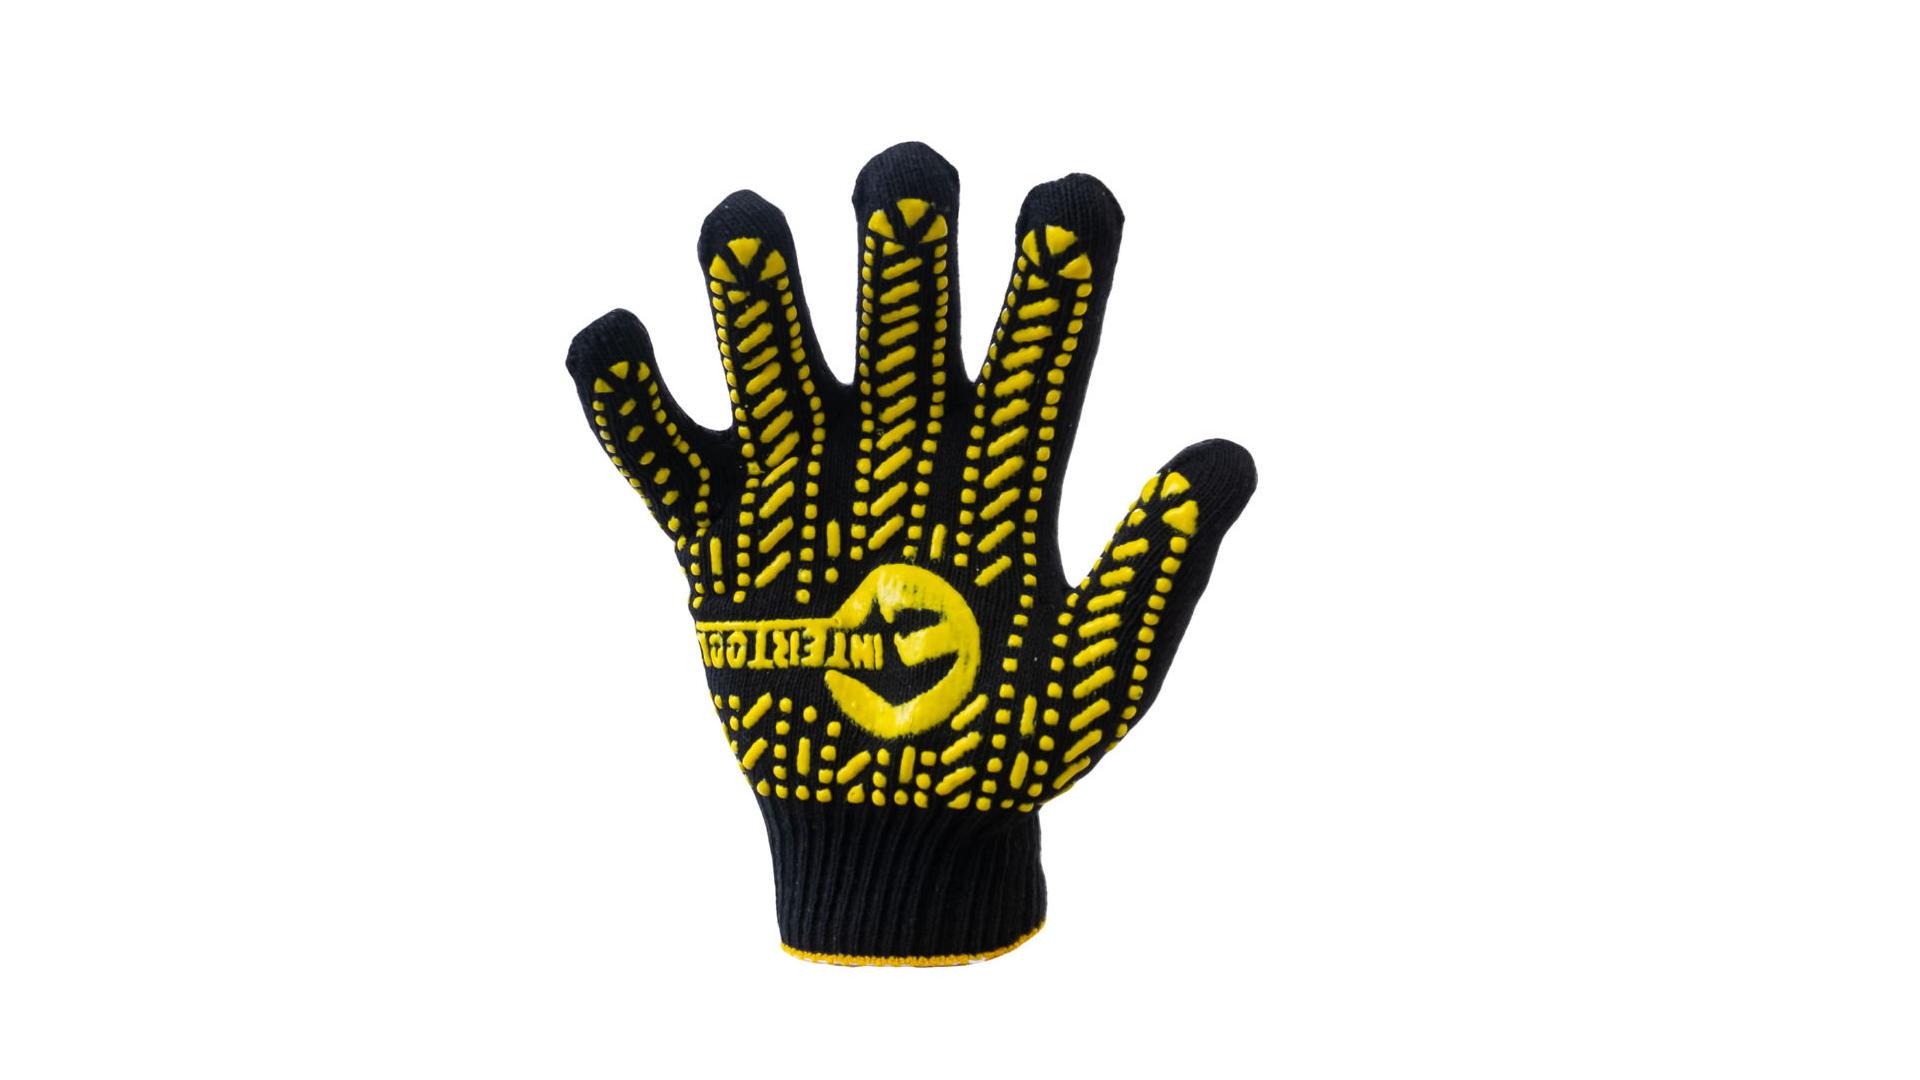 Перчатки Intertool - 60/40 с точкой 90 г черные 10 SP-0128 4